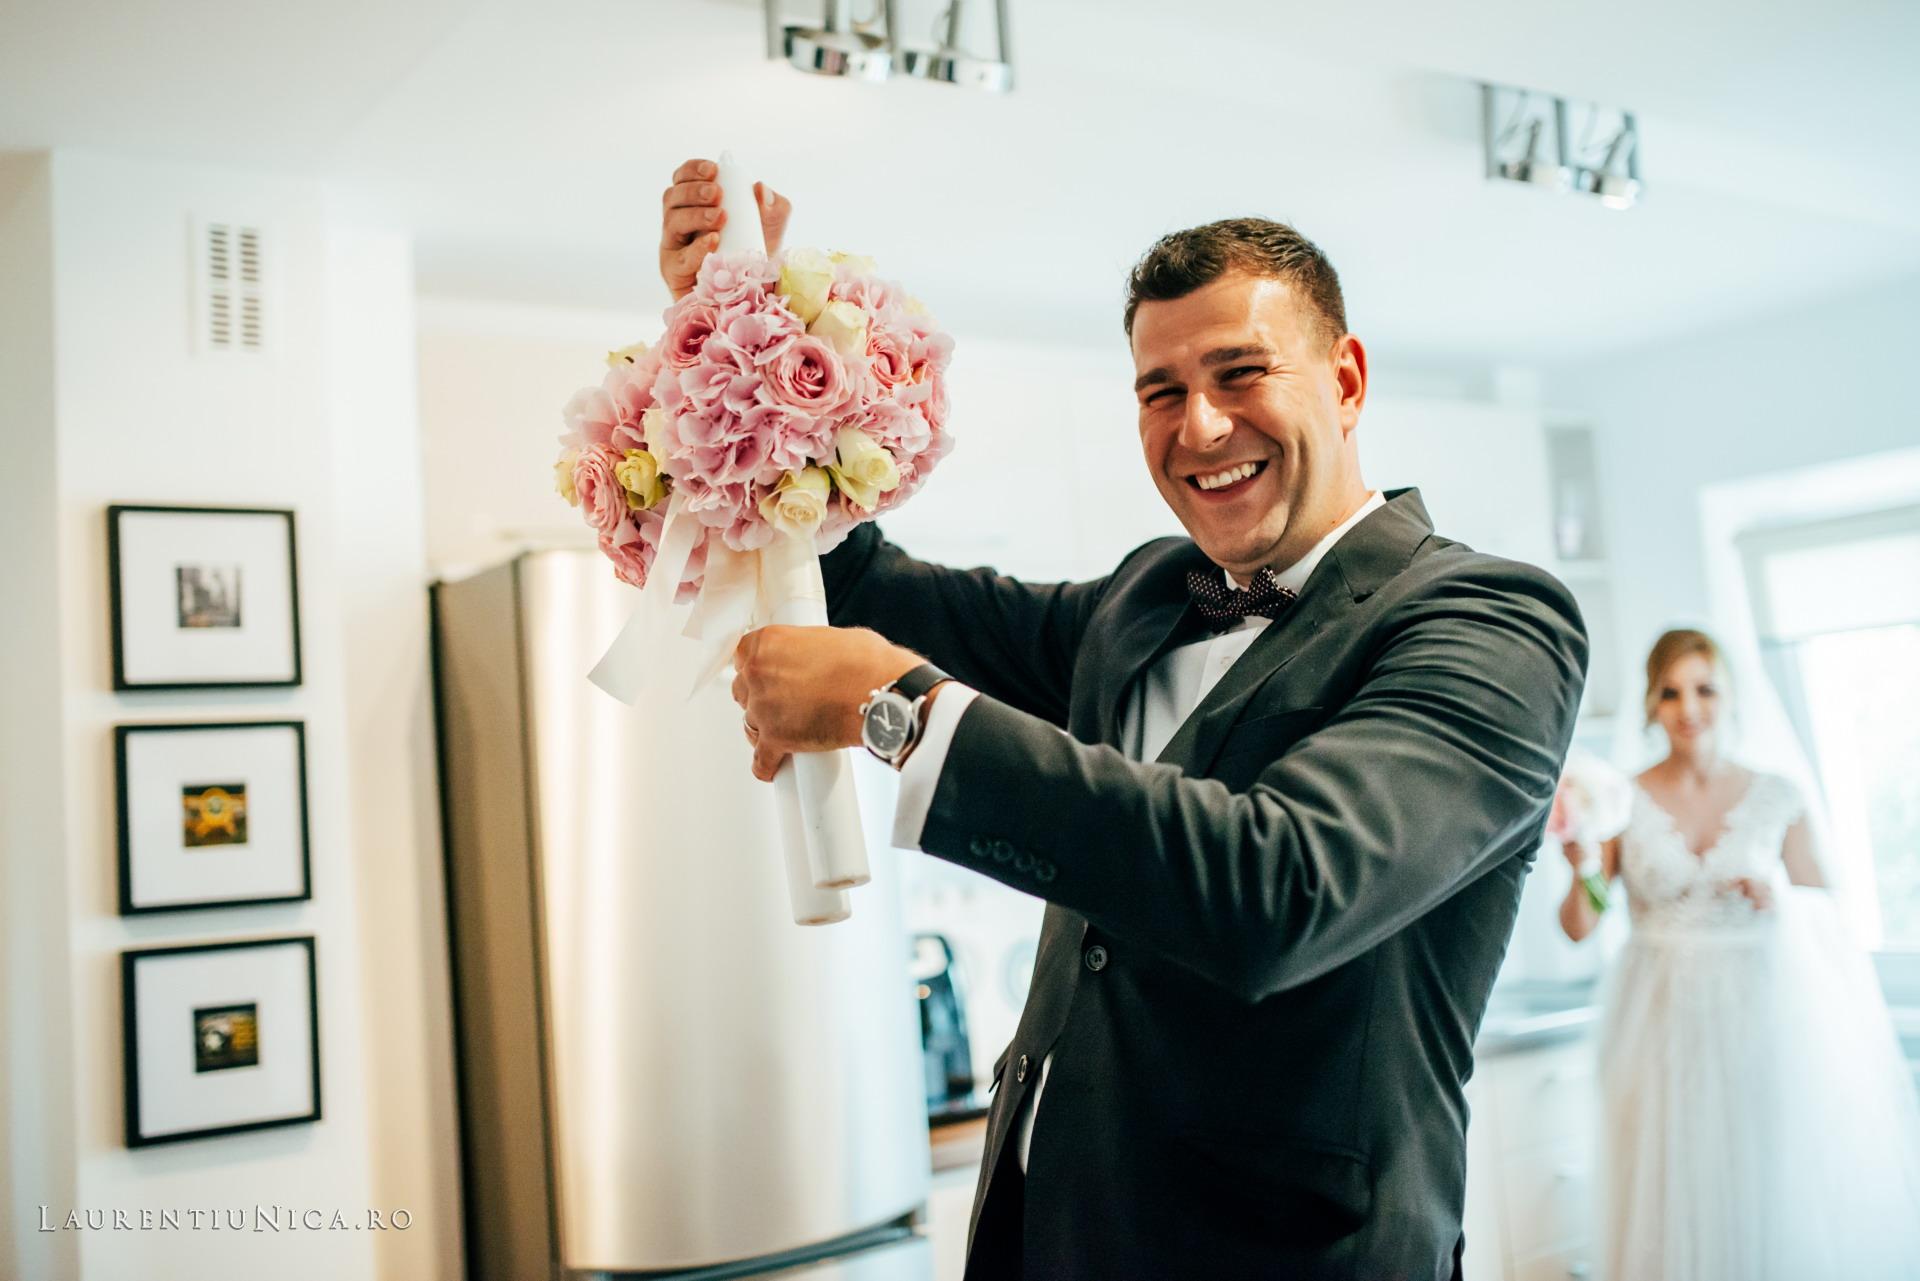 carolina si sorin craiova fotograf nunta laurentiu nica25 - Carolina & Sorin | Fotografii nunta